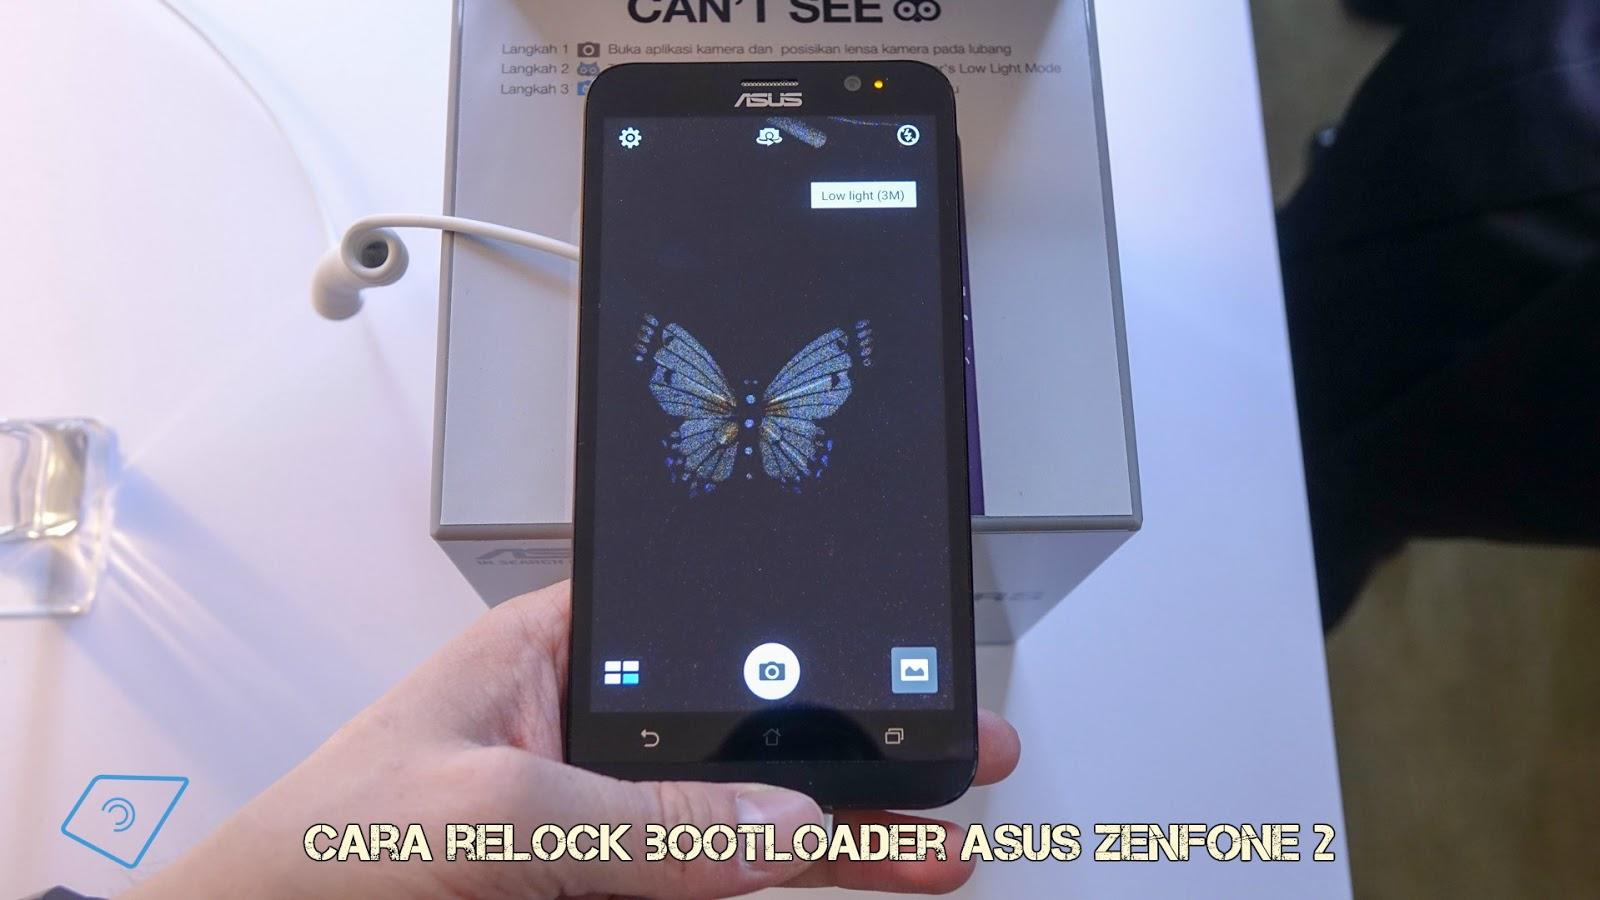 Cara Relock Bootloader Asus Zenfone 2 ZE551ML